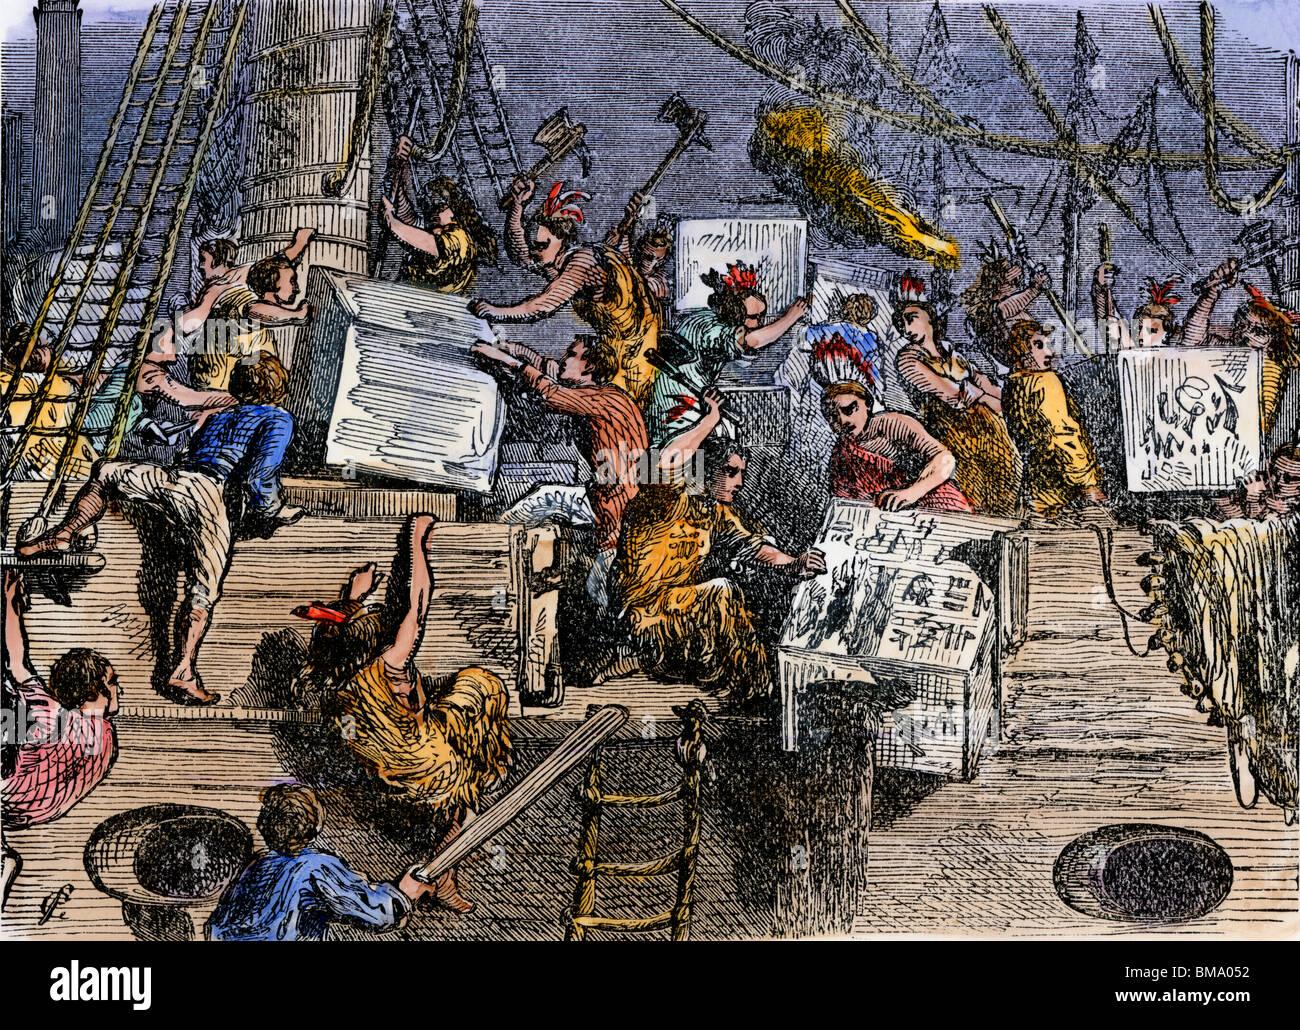 Los colonos arrojaron cajas de té por la borda durante el Boston Tea Party, 1773. Xilografía coloreada Imagen De Stock